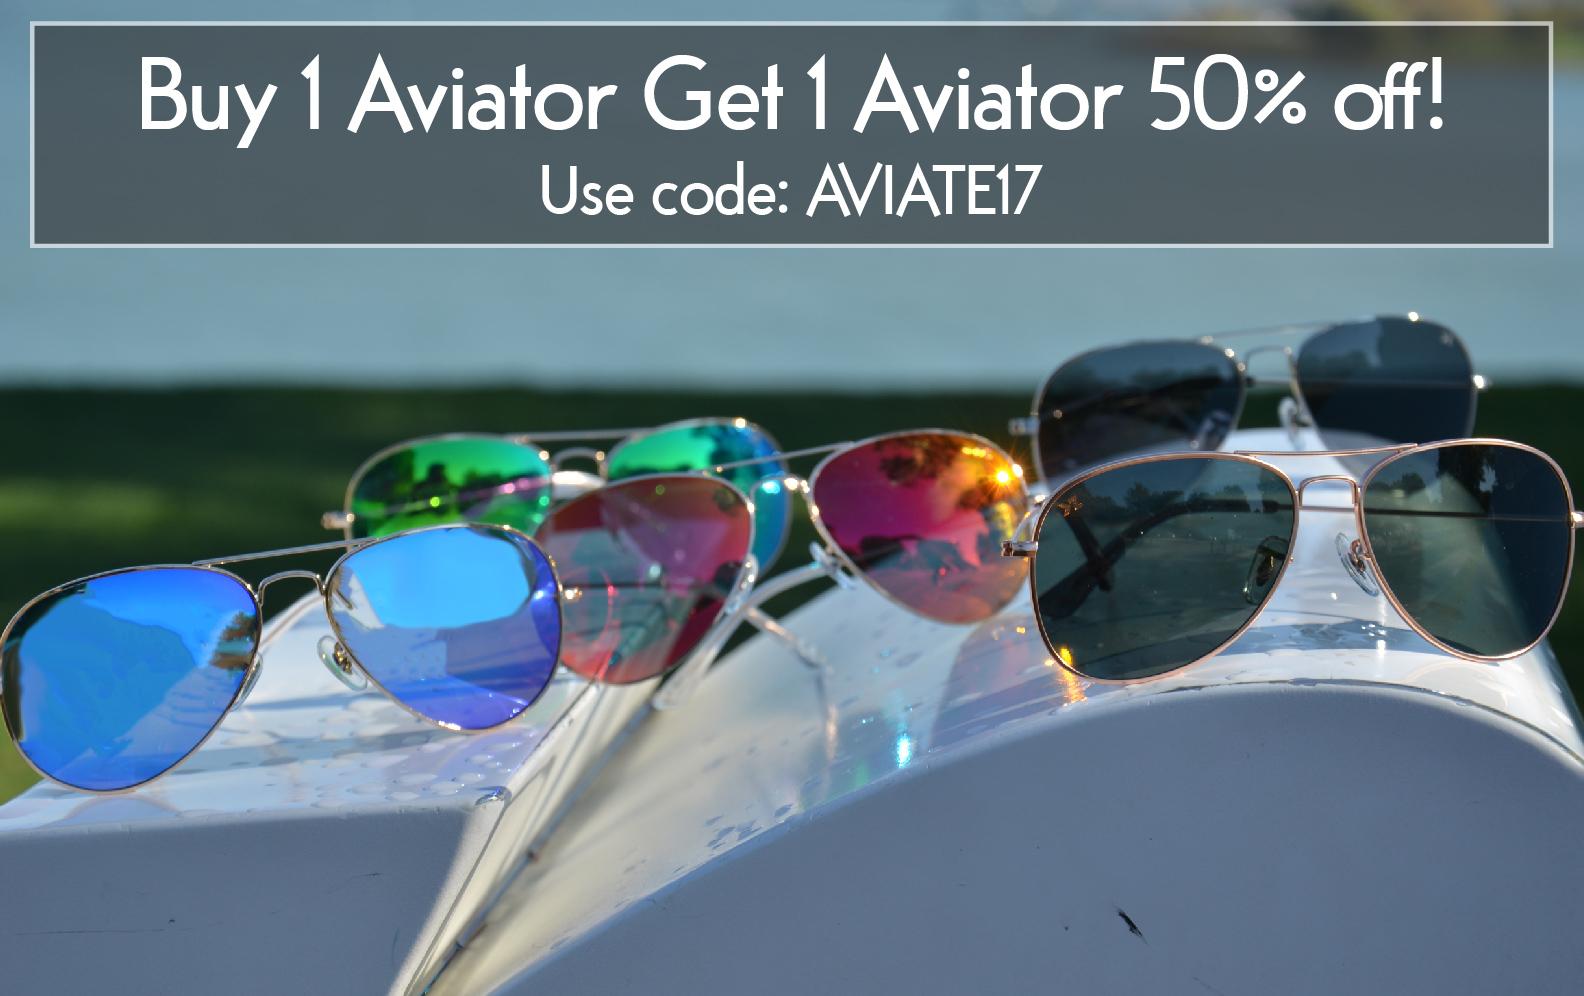 Aviator BOGO 50% Off